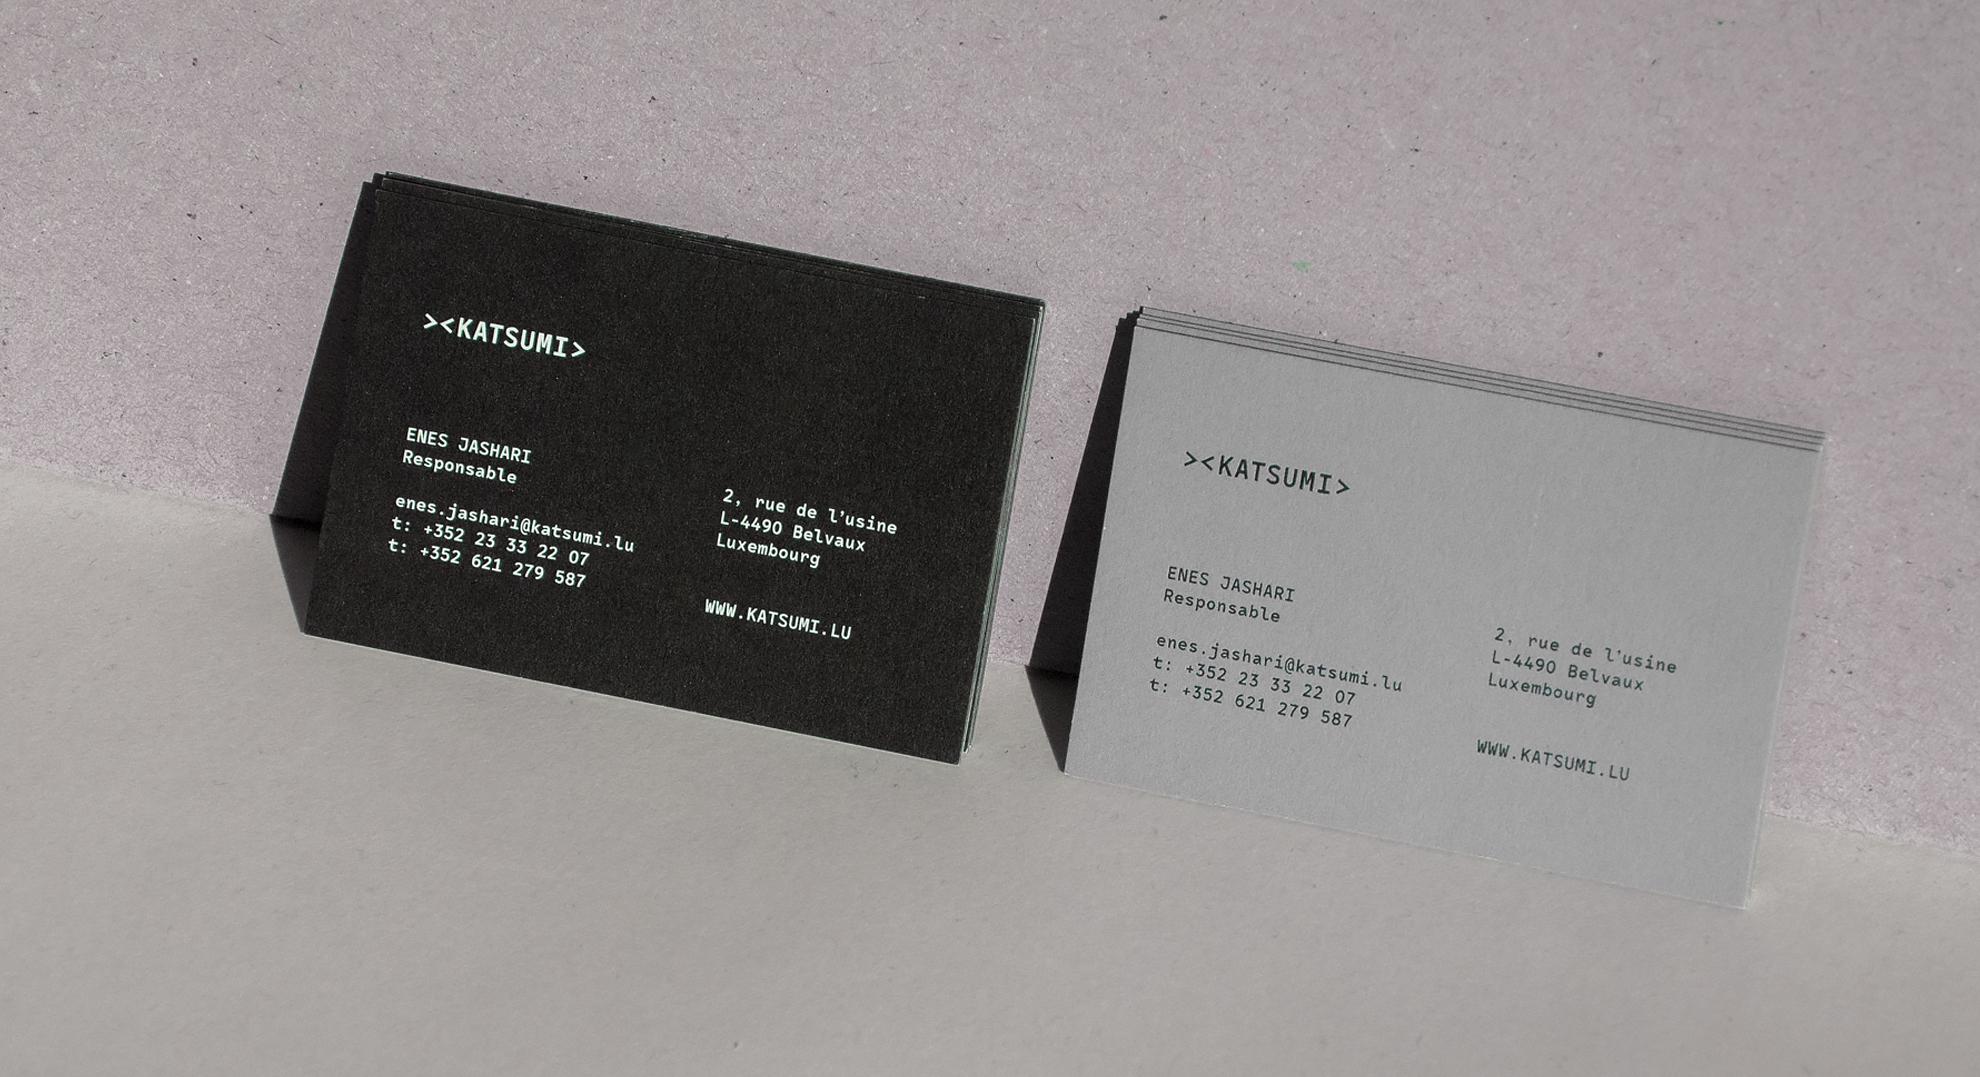 Katsumi identité visuelle - carte de visite